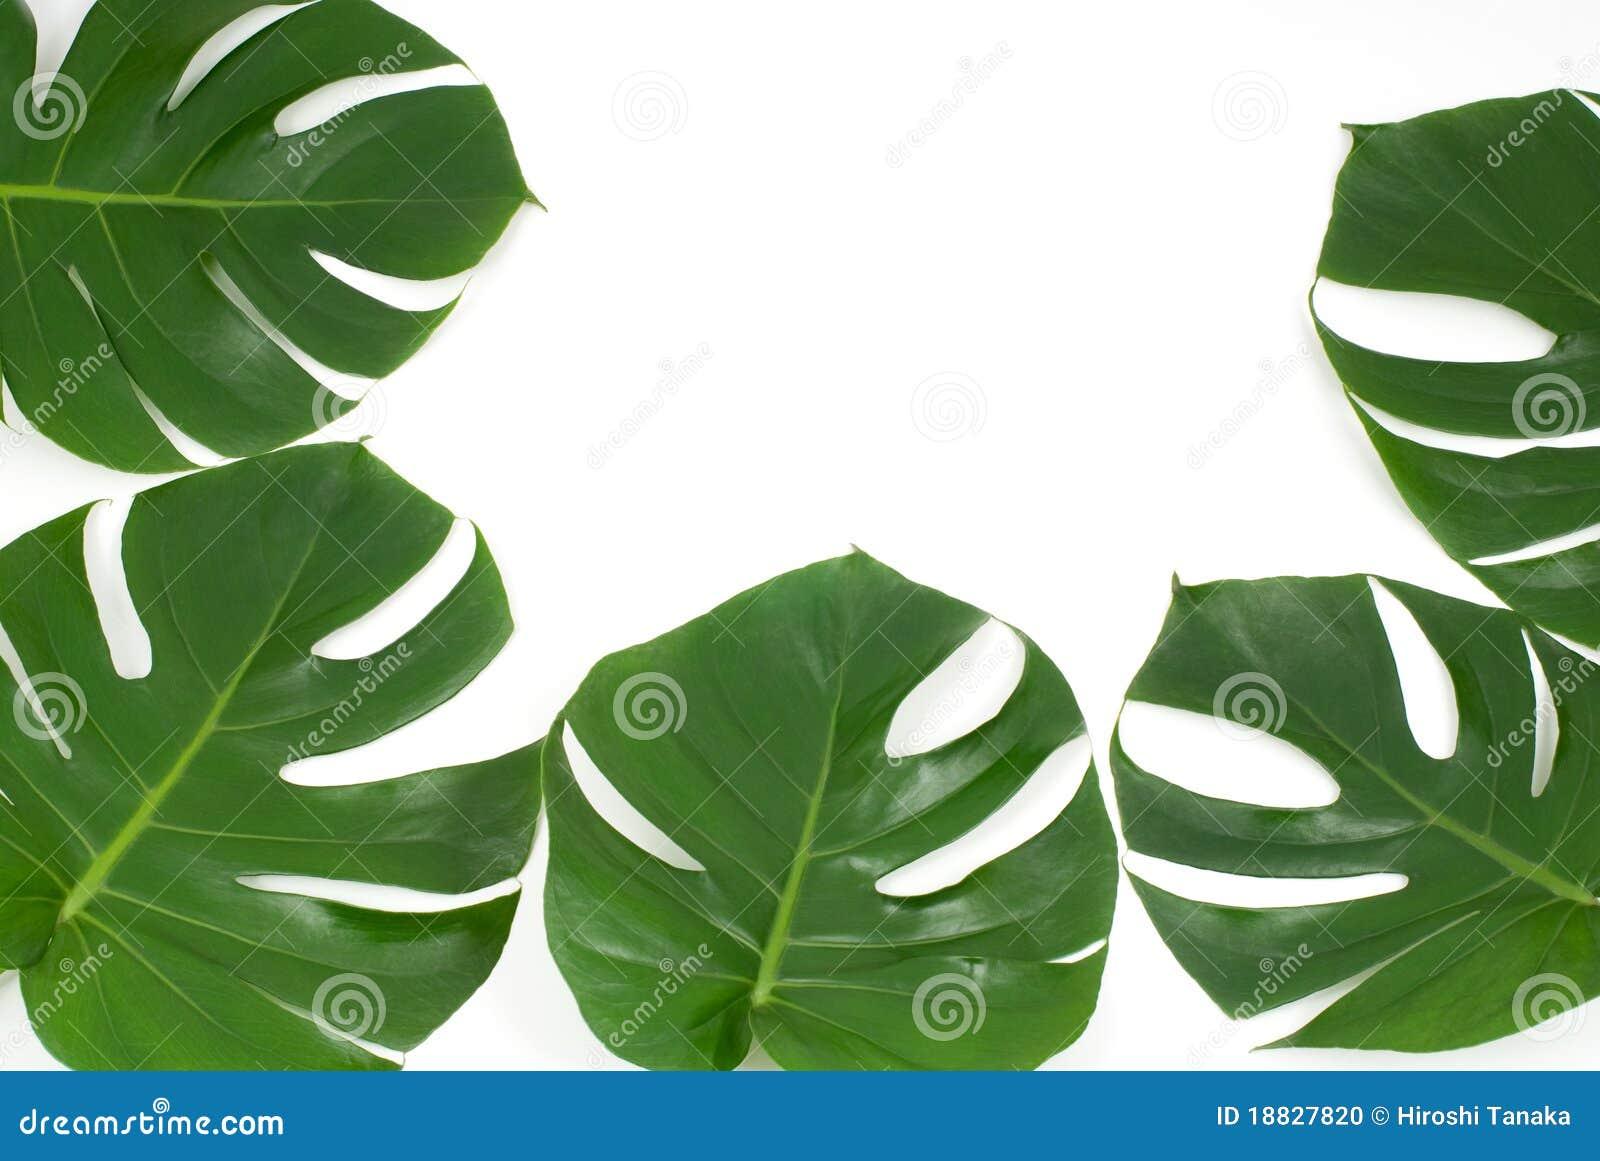 Plantas tropicales foto de archivo imagen de blanco - Plantas tropicales de exterior ...